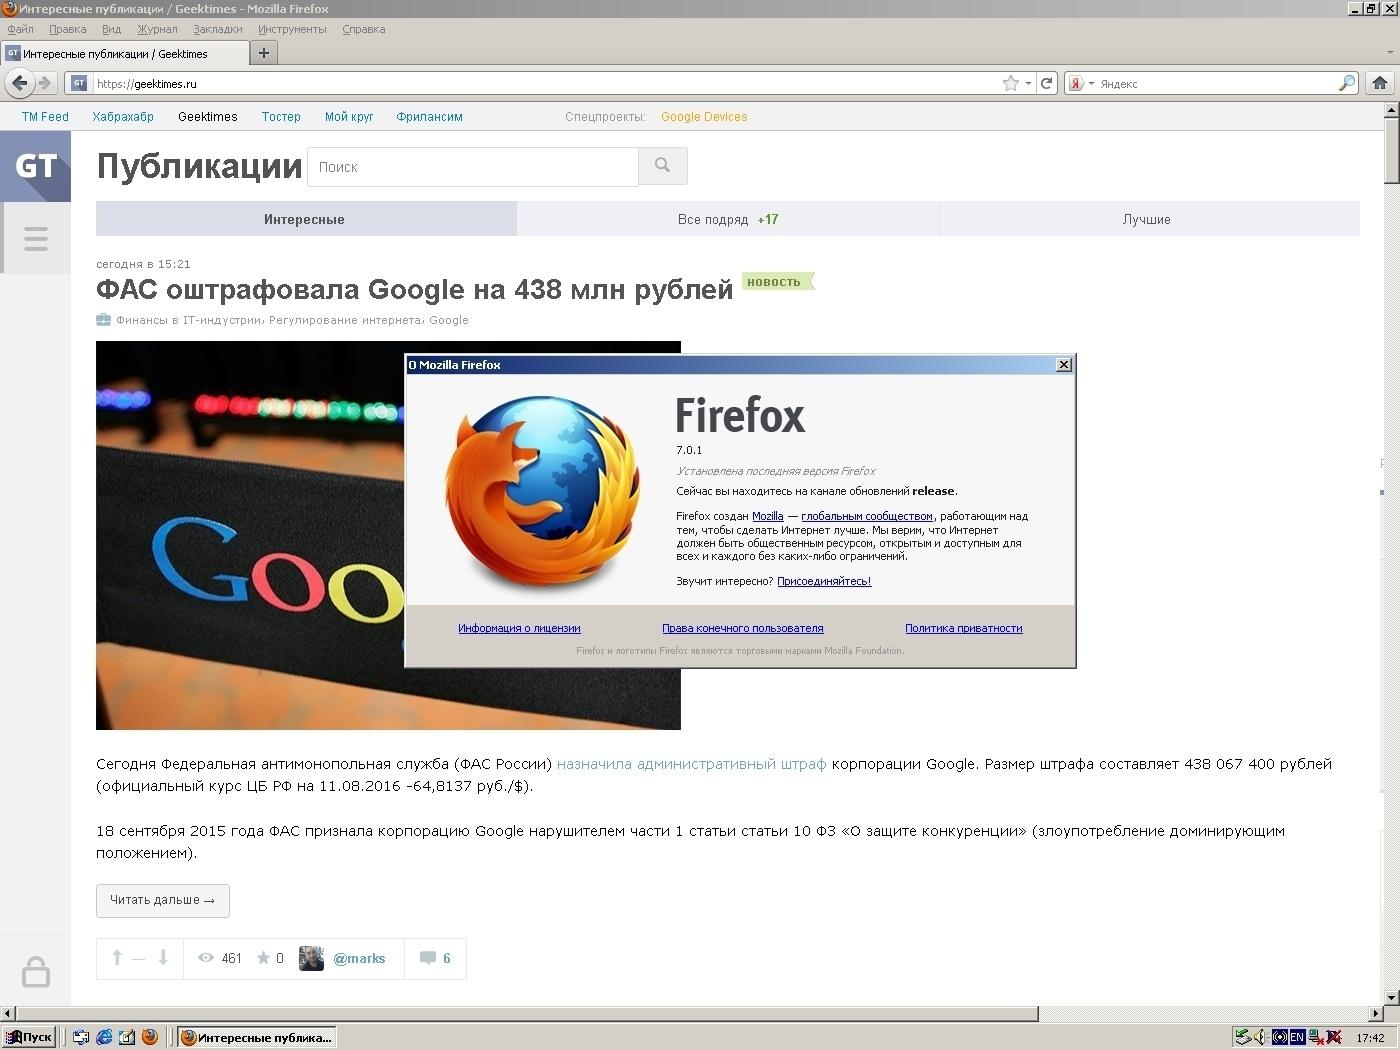 Эксперименты над ноутбуком iRU Brava-4215COMBO, выпущенным в 2004 году (Часть 2) - 29